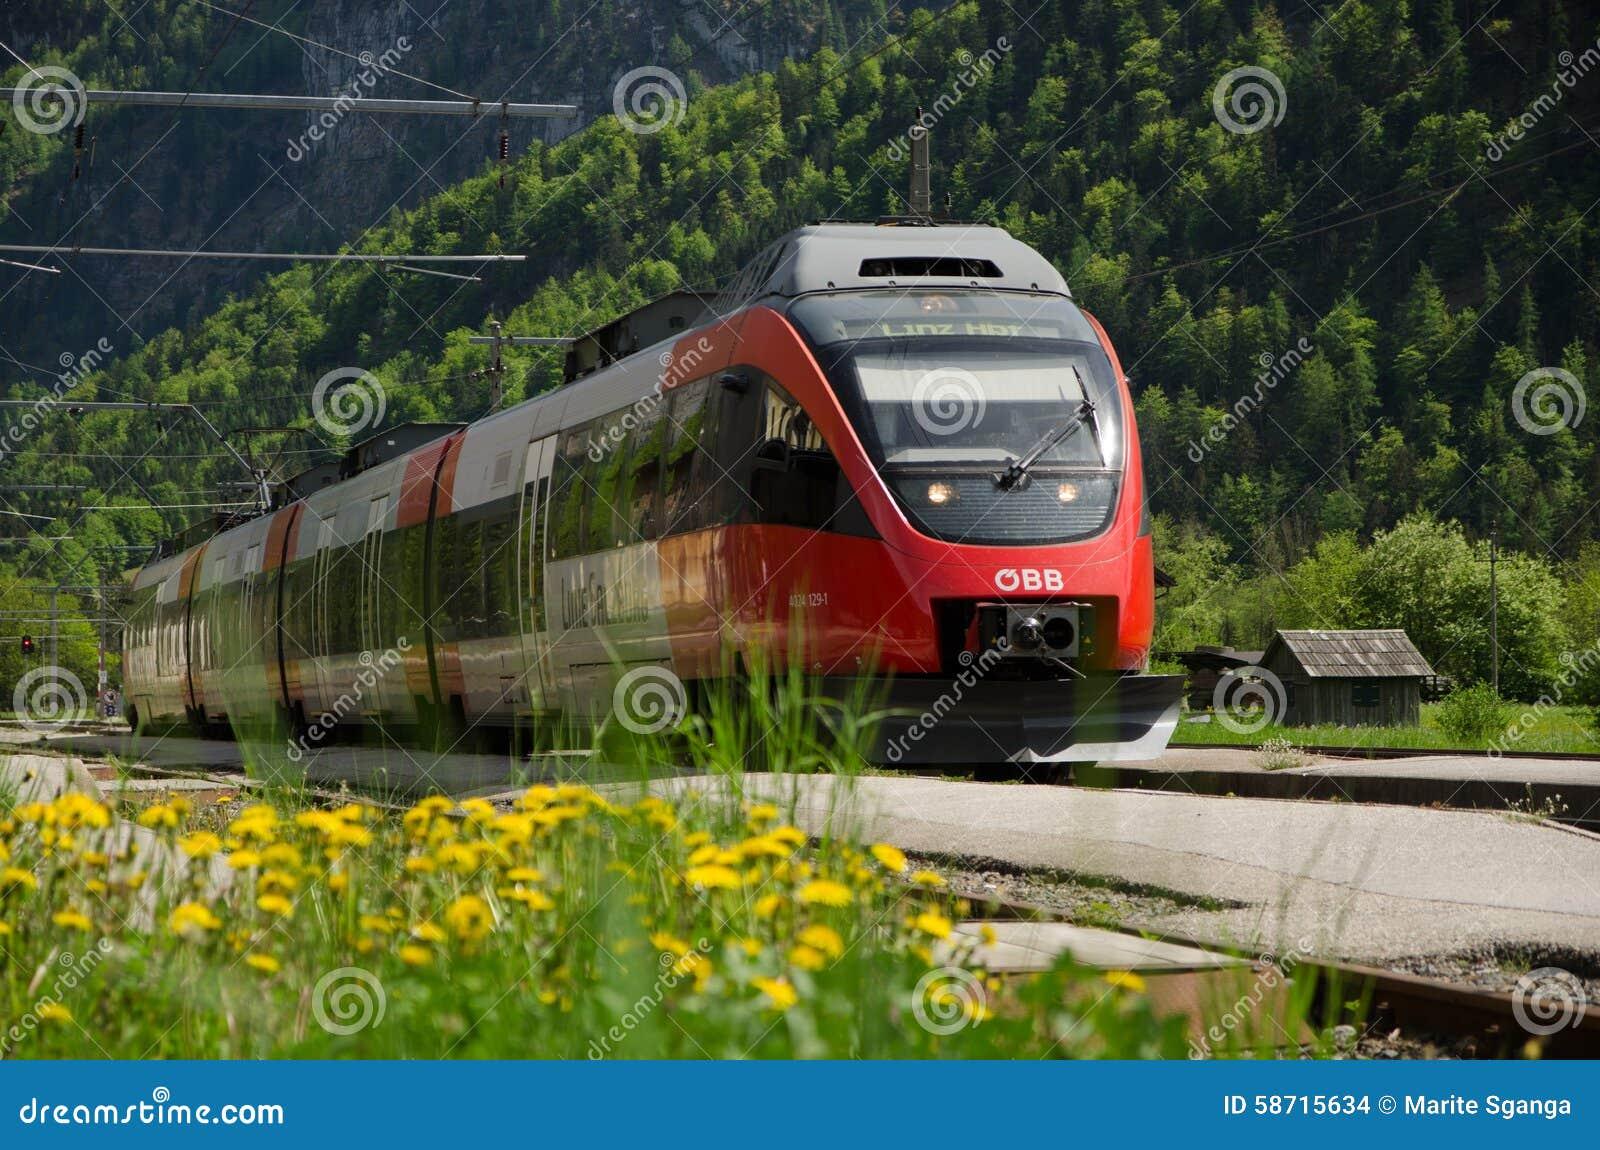 Railroad, OBB train, Obertraun train station, Austria